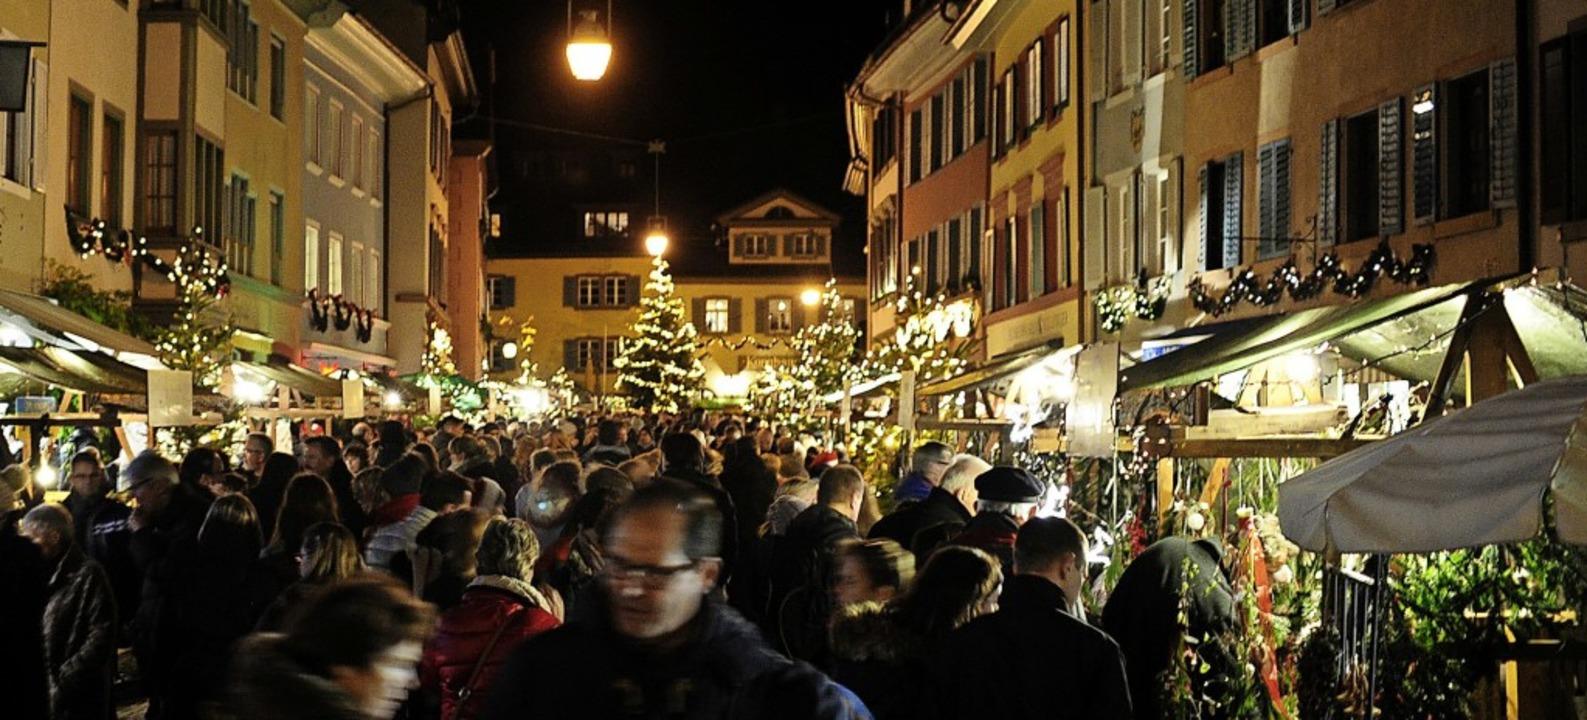 Weihnachtlich geschmückt und beleuchte...ufens Altstadt von ihrer besten Seite.  | Foto: Bernhard Seitz